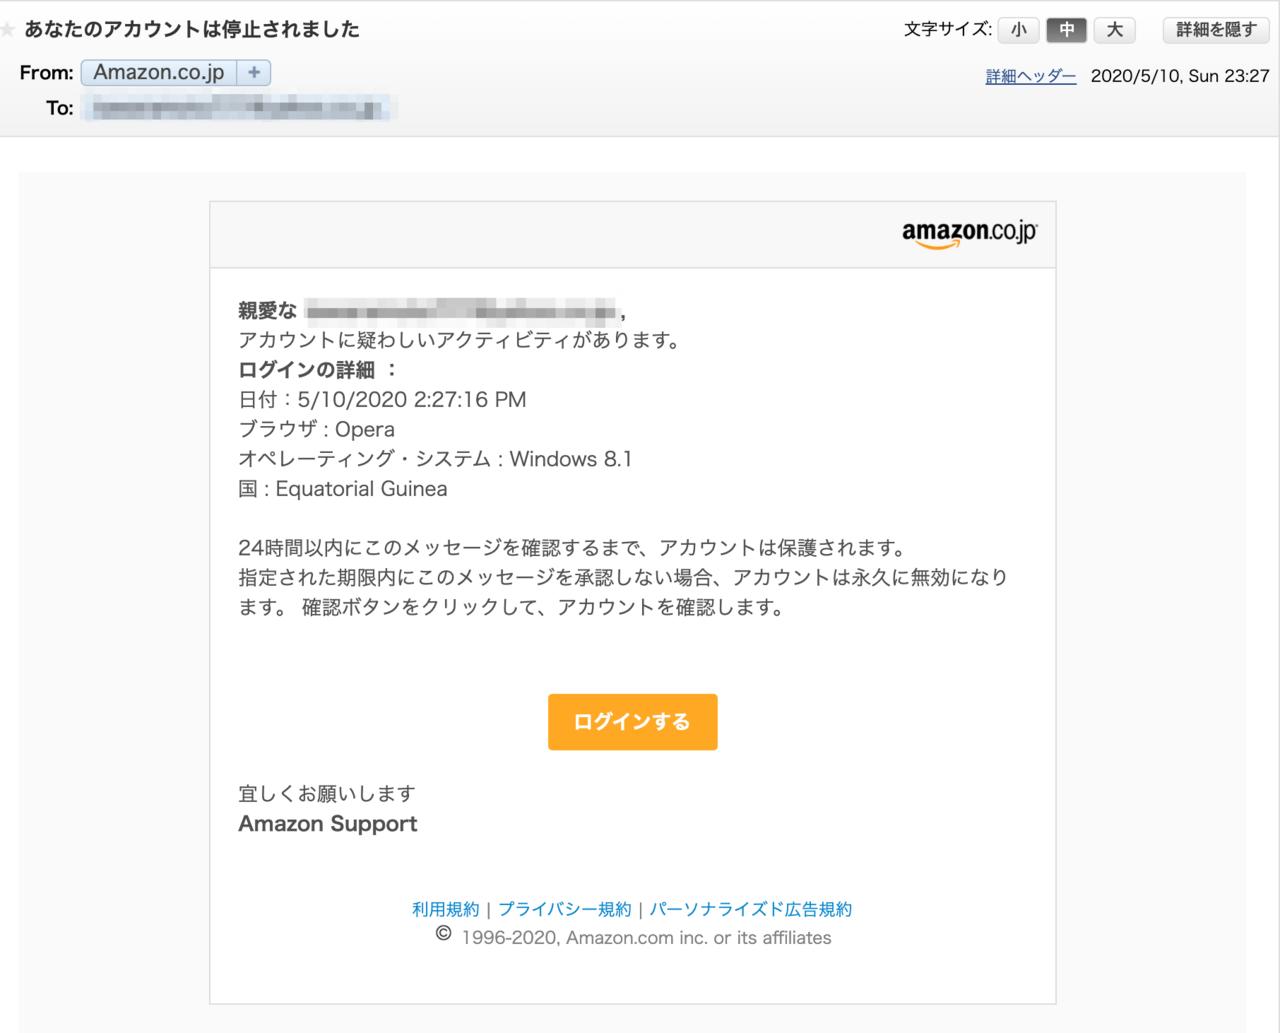 Amazonを語ったフィッシングサイトへの勧誘メール